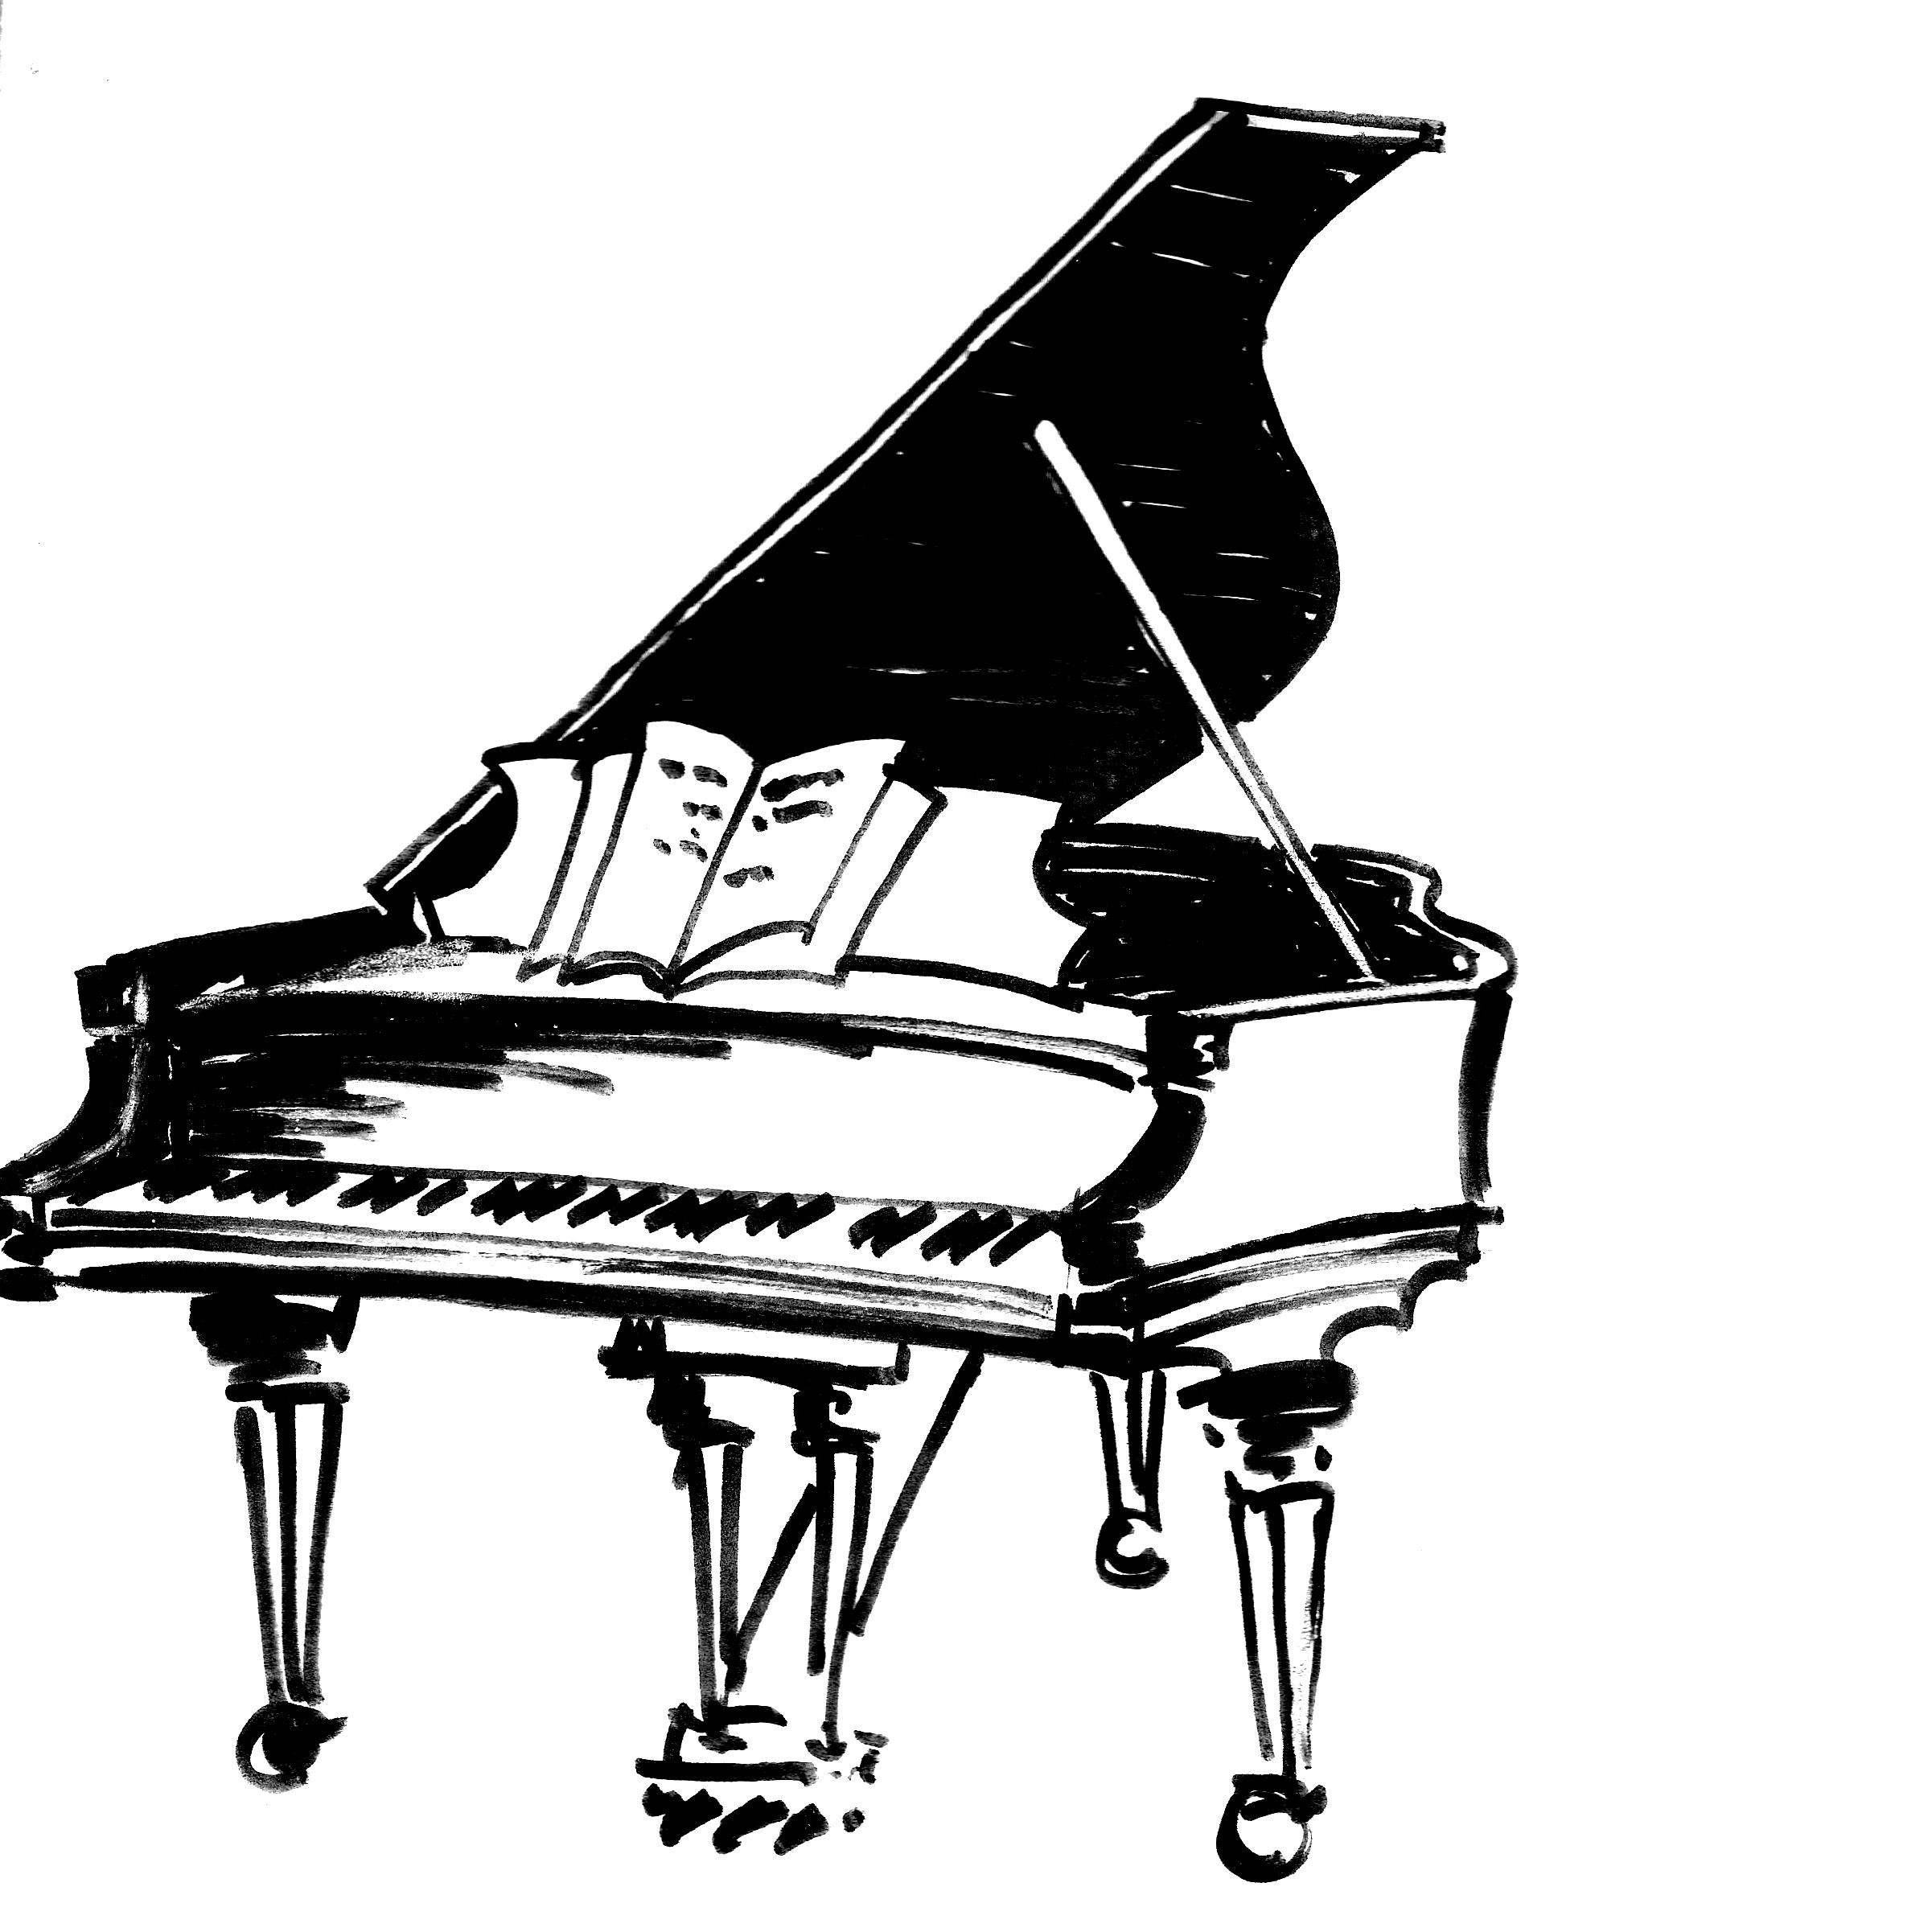 keyboard piano drawing at getdrawings com